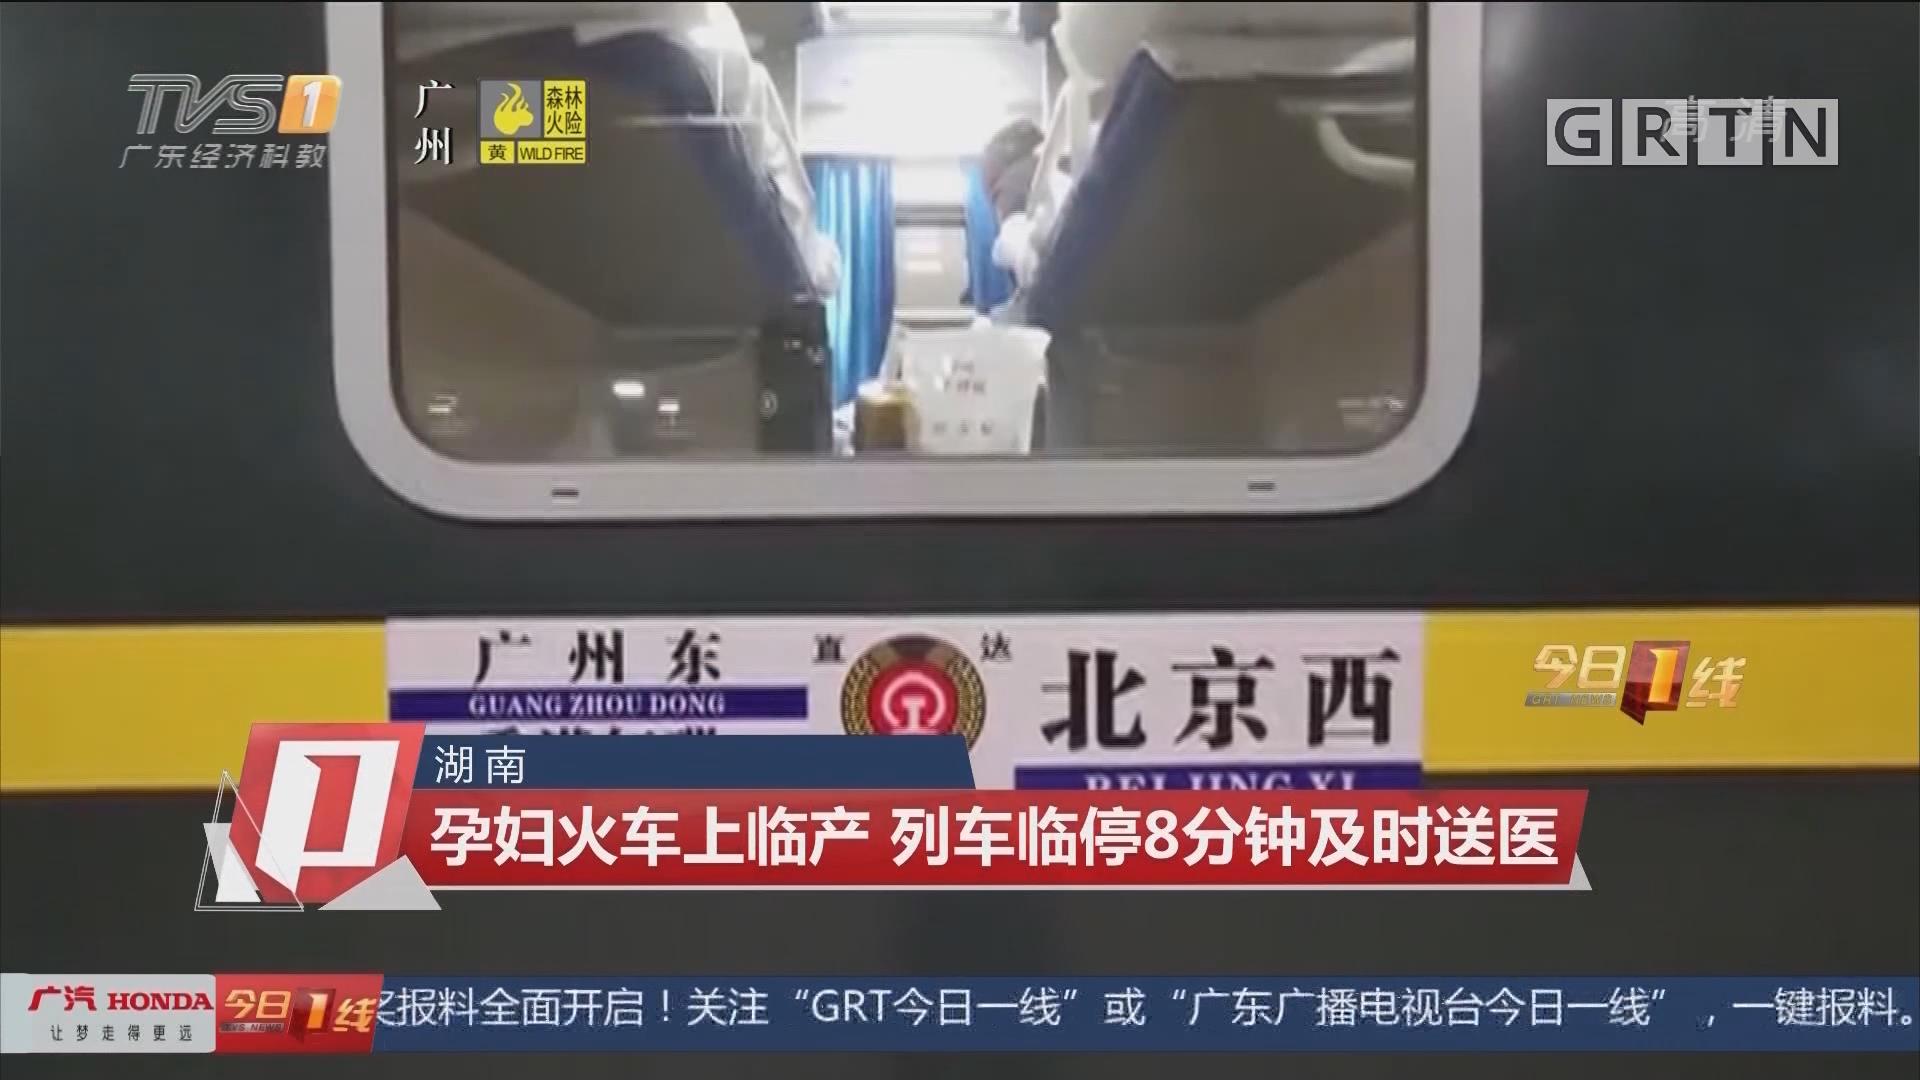 湖南 孕婦火車上臨產 列車臨停8分鐘及時送醫